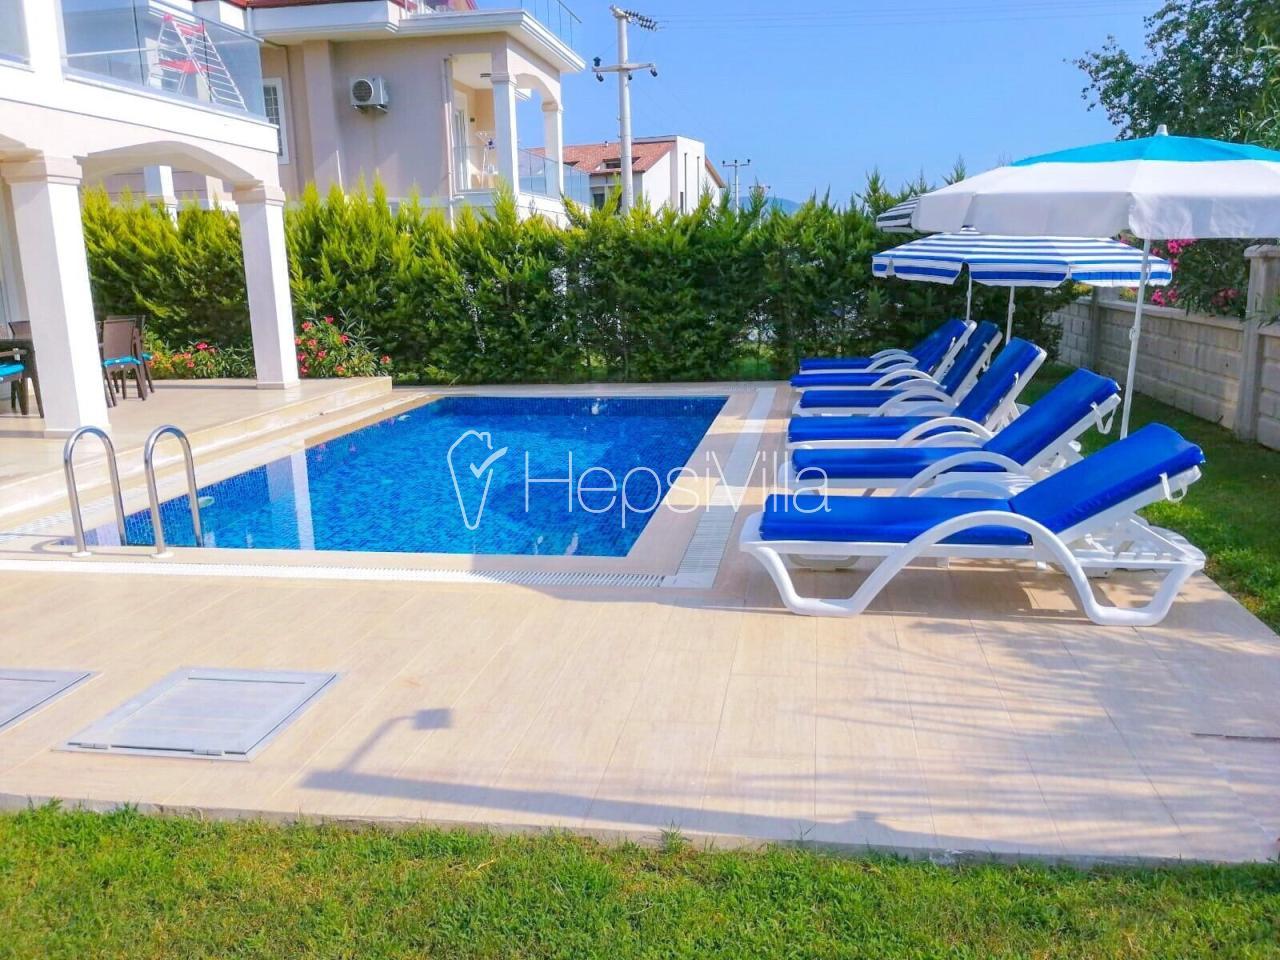 Villa Sahil, Çalış'ta Deniz'e Yakın 4 Odalı Özel Havuzlu Villa - Hepsi Villa